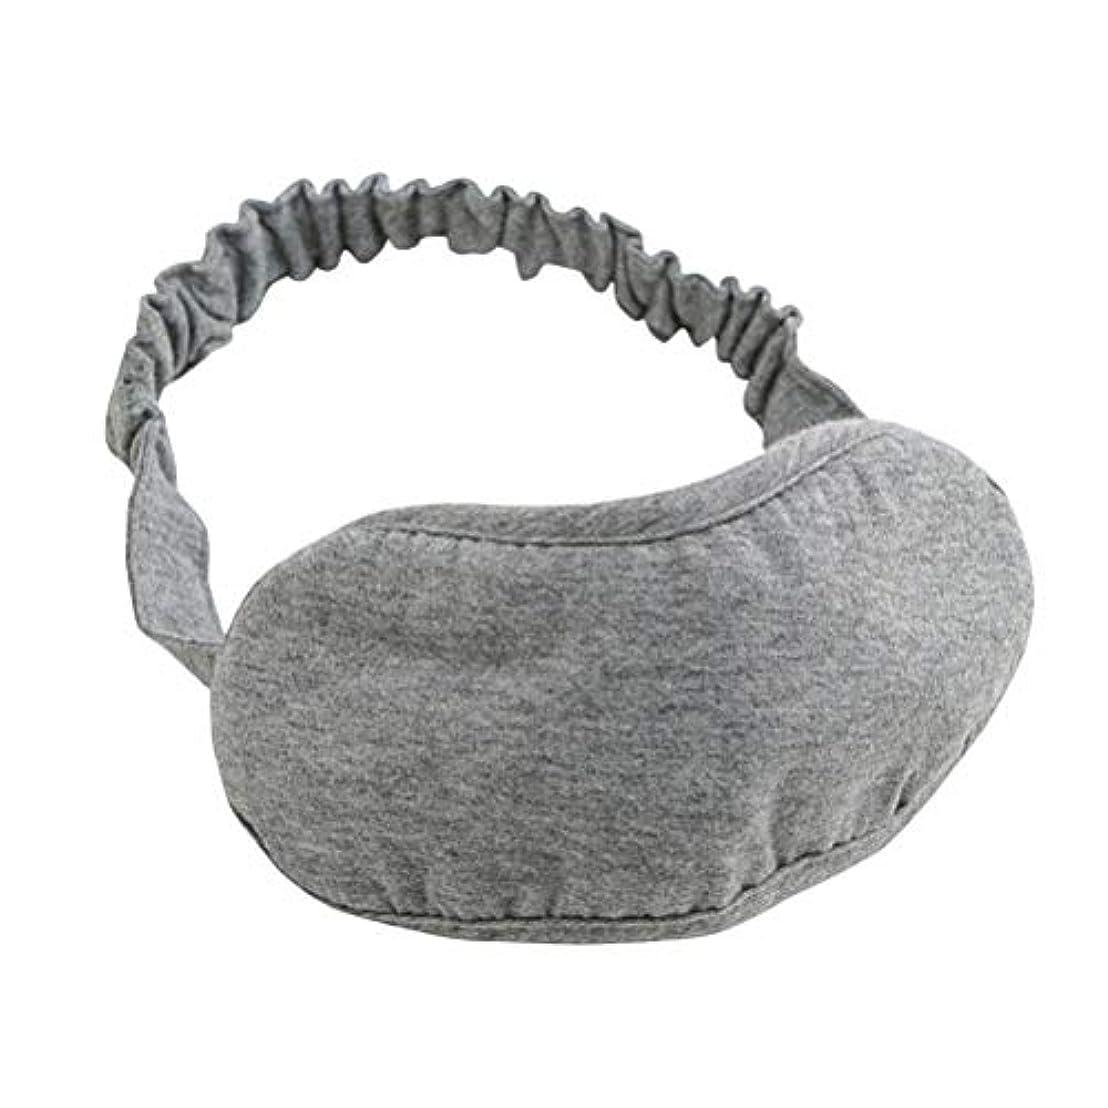 激しい引き付ける成熟HEALIFTY 睡眠目隠しコットンアイマスクアイシェードナップカバー厚い目隠しスリーピングレストトラベルオフィス用アイパッチ(グレー)